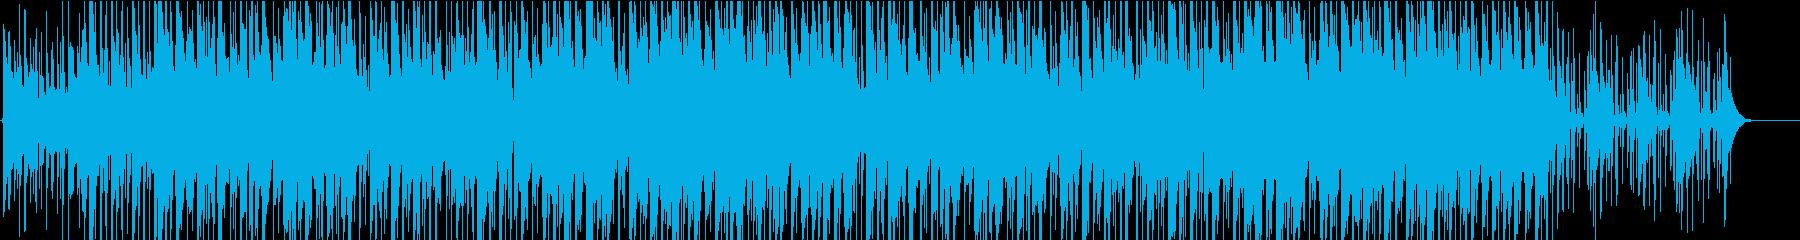 日常を演出する温かいポップスの再生済みの波形